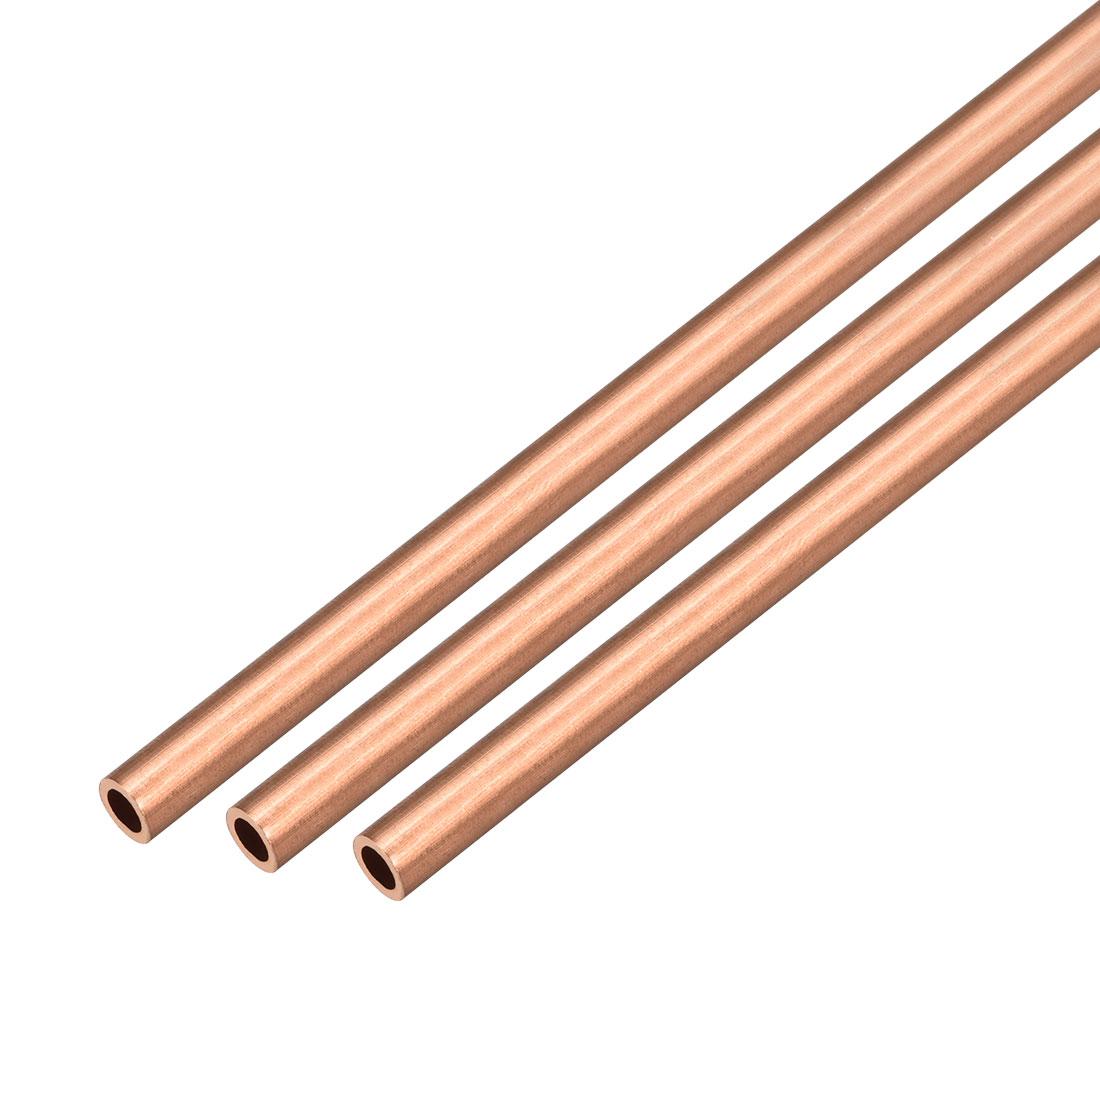 3Pcs 6mm Outside Diameter x 3mm Inside Diameter 500mm Copper Round Tube Pipe